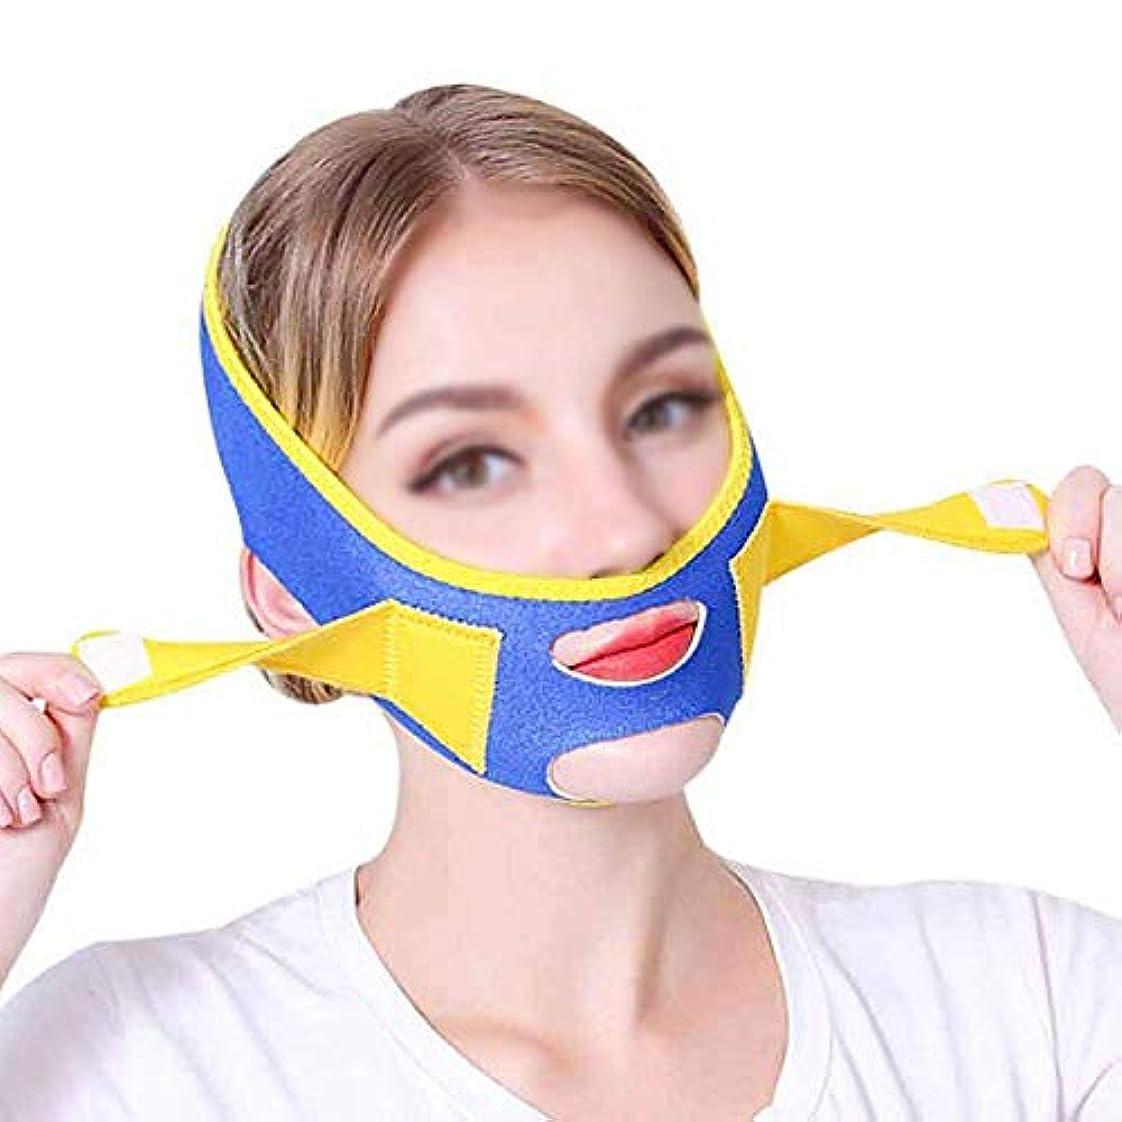 ビルダー違反他にフェイスリフトマスク、あごストラップ回復包帯シンフェイスマスクVフェイスステッカーフェイスリフトステッカー韓国本物のリフティングファーミングリフト整形薄型ダブルチンフェイスリフト睡眠包帯アーティファクト